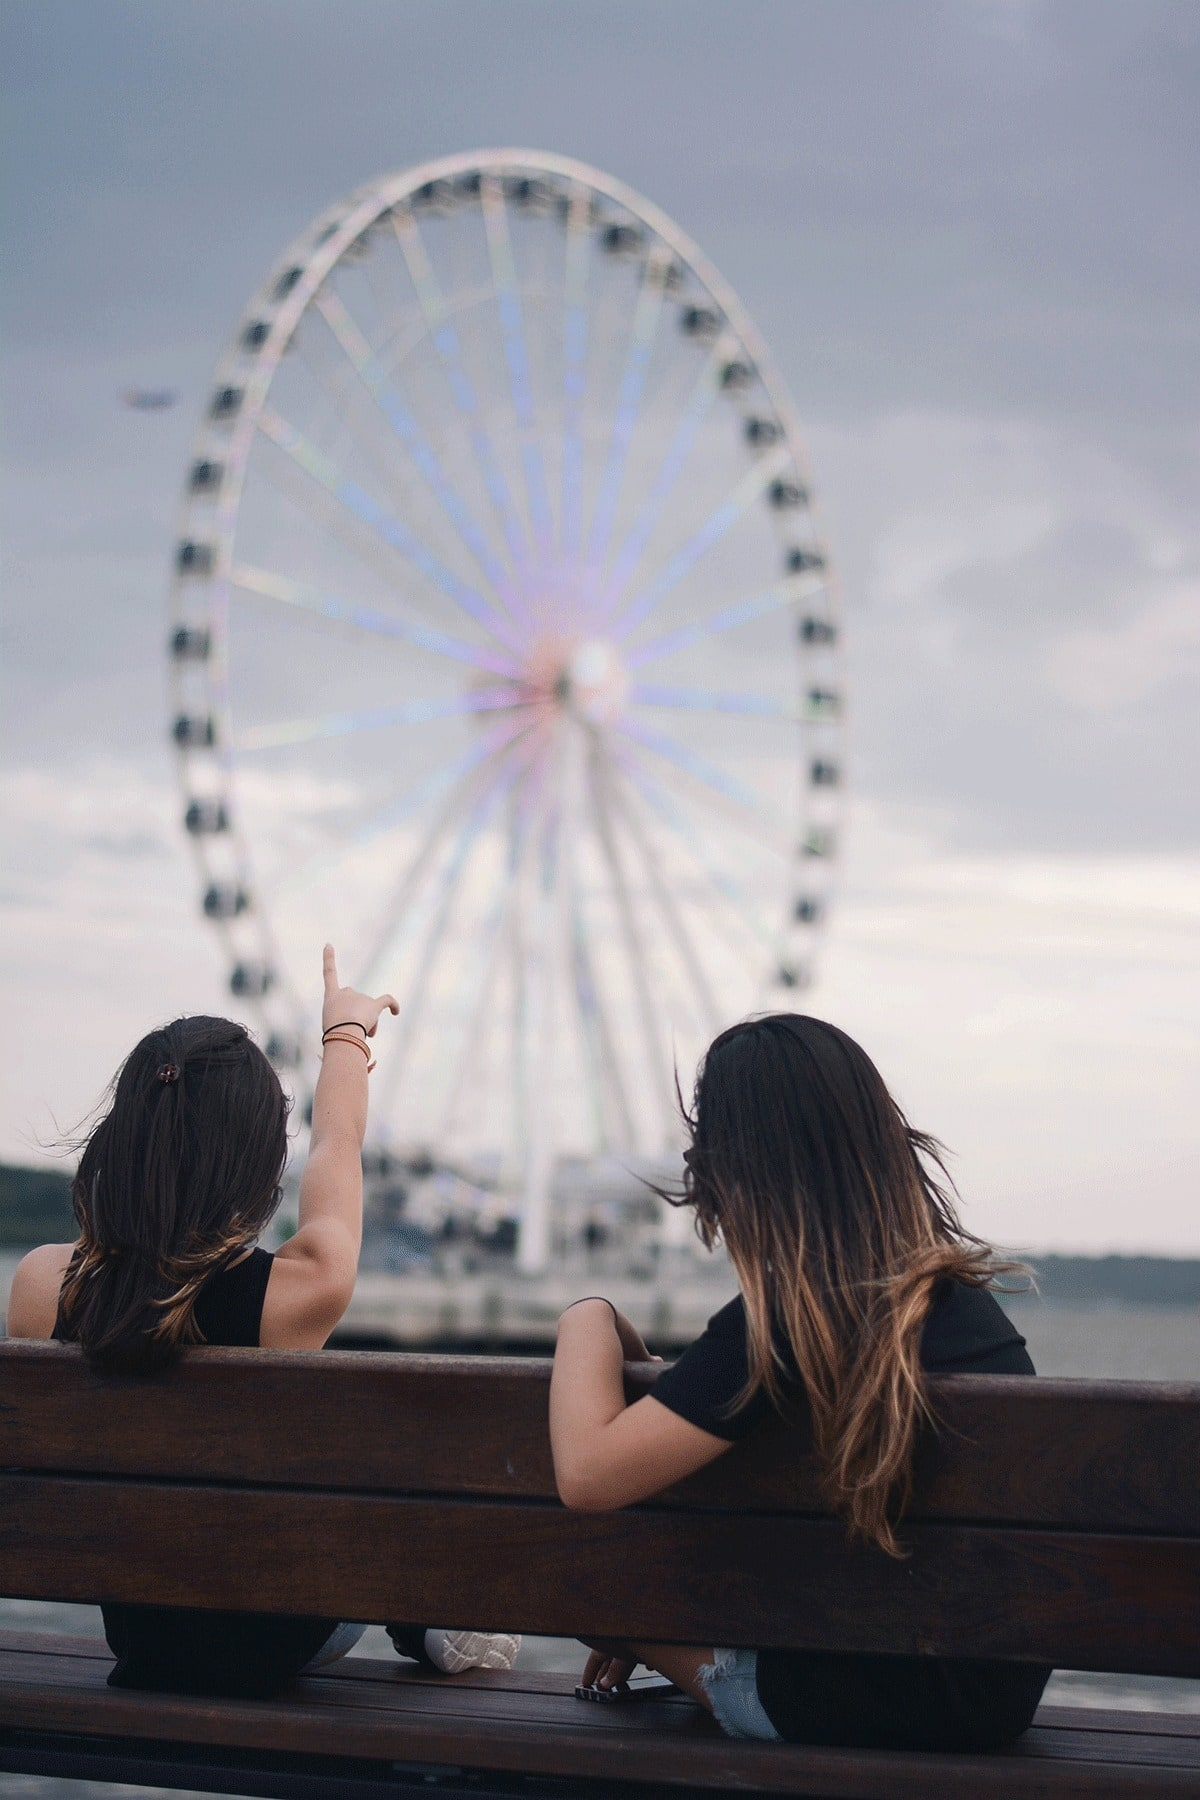 festival-plezier-vriendinnen